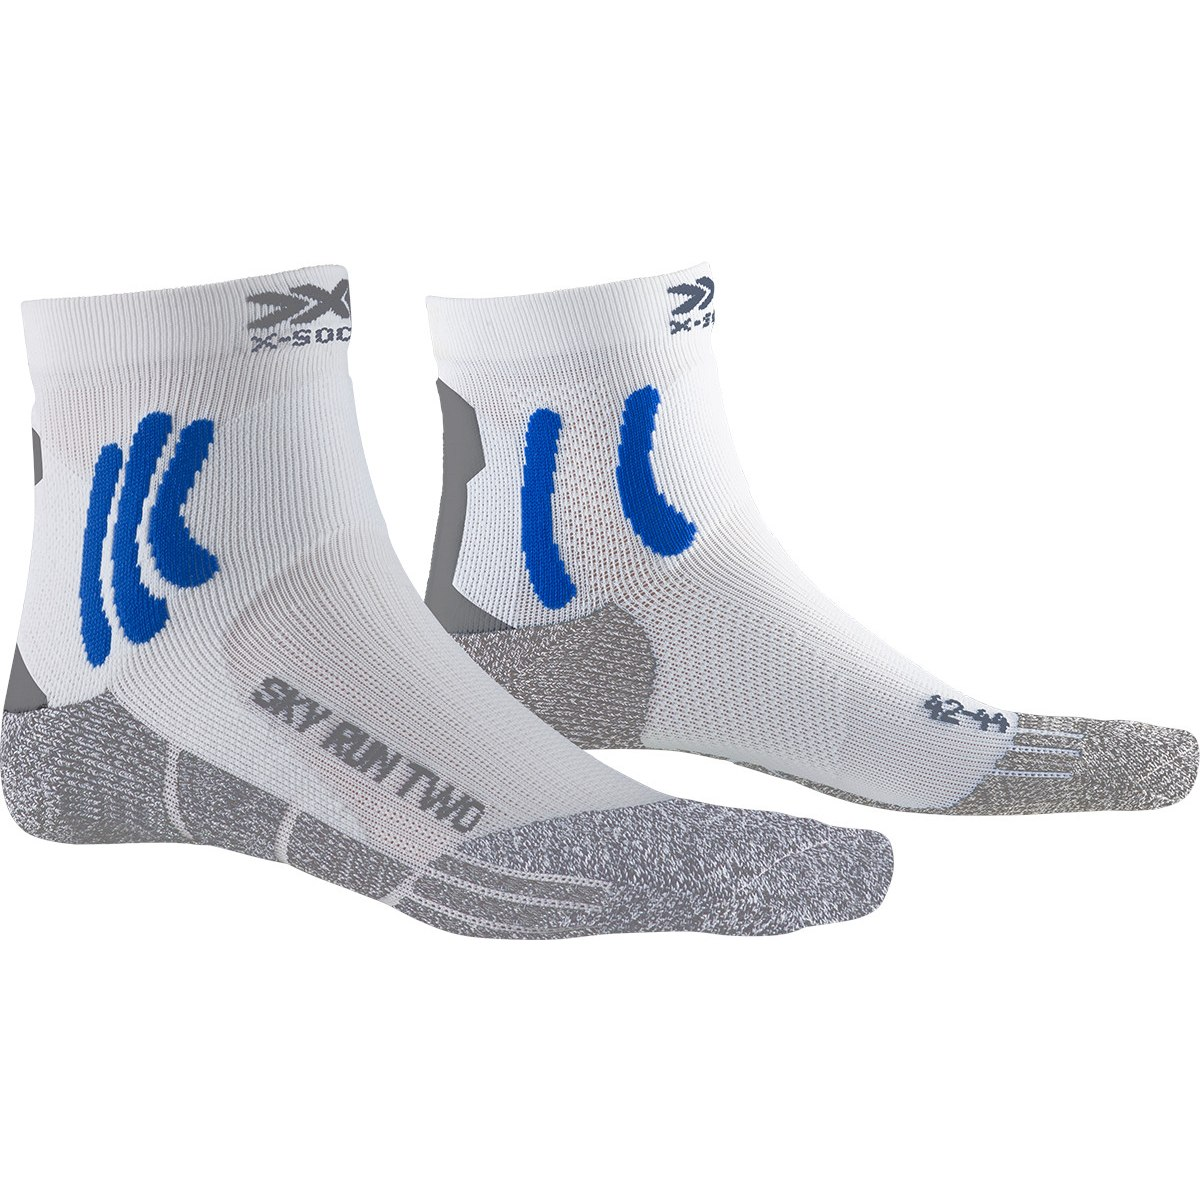 Bild von X-Socks Sky Run Two Laufsocken - white/twyce blue/grey melange